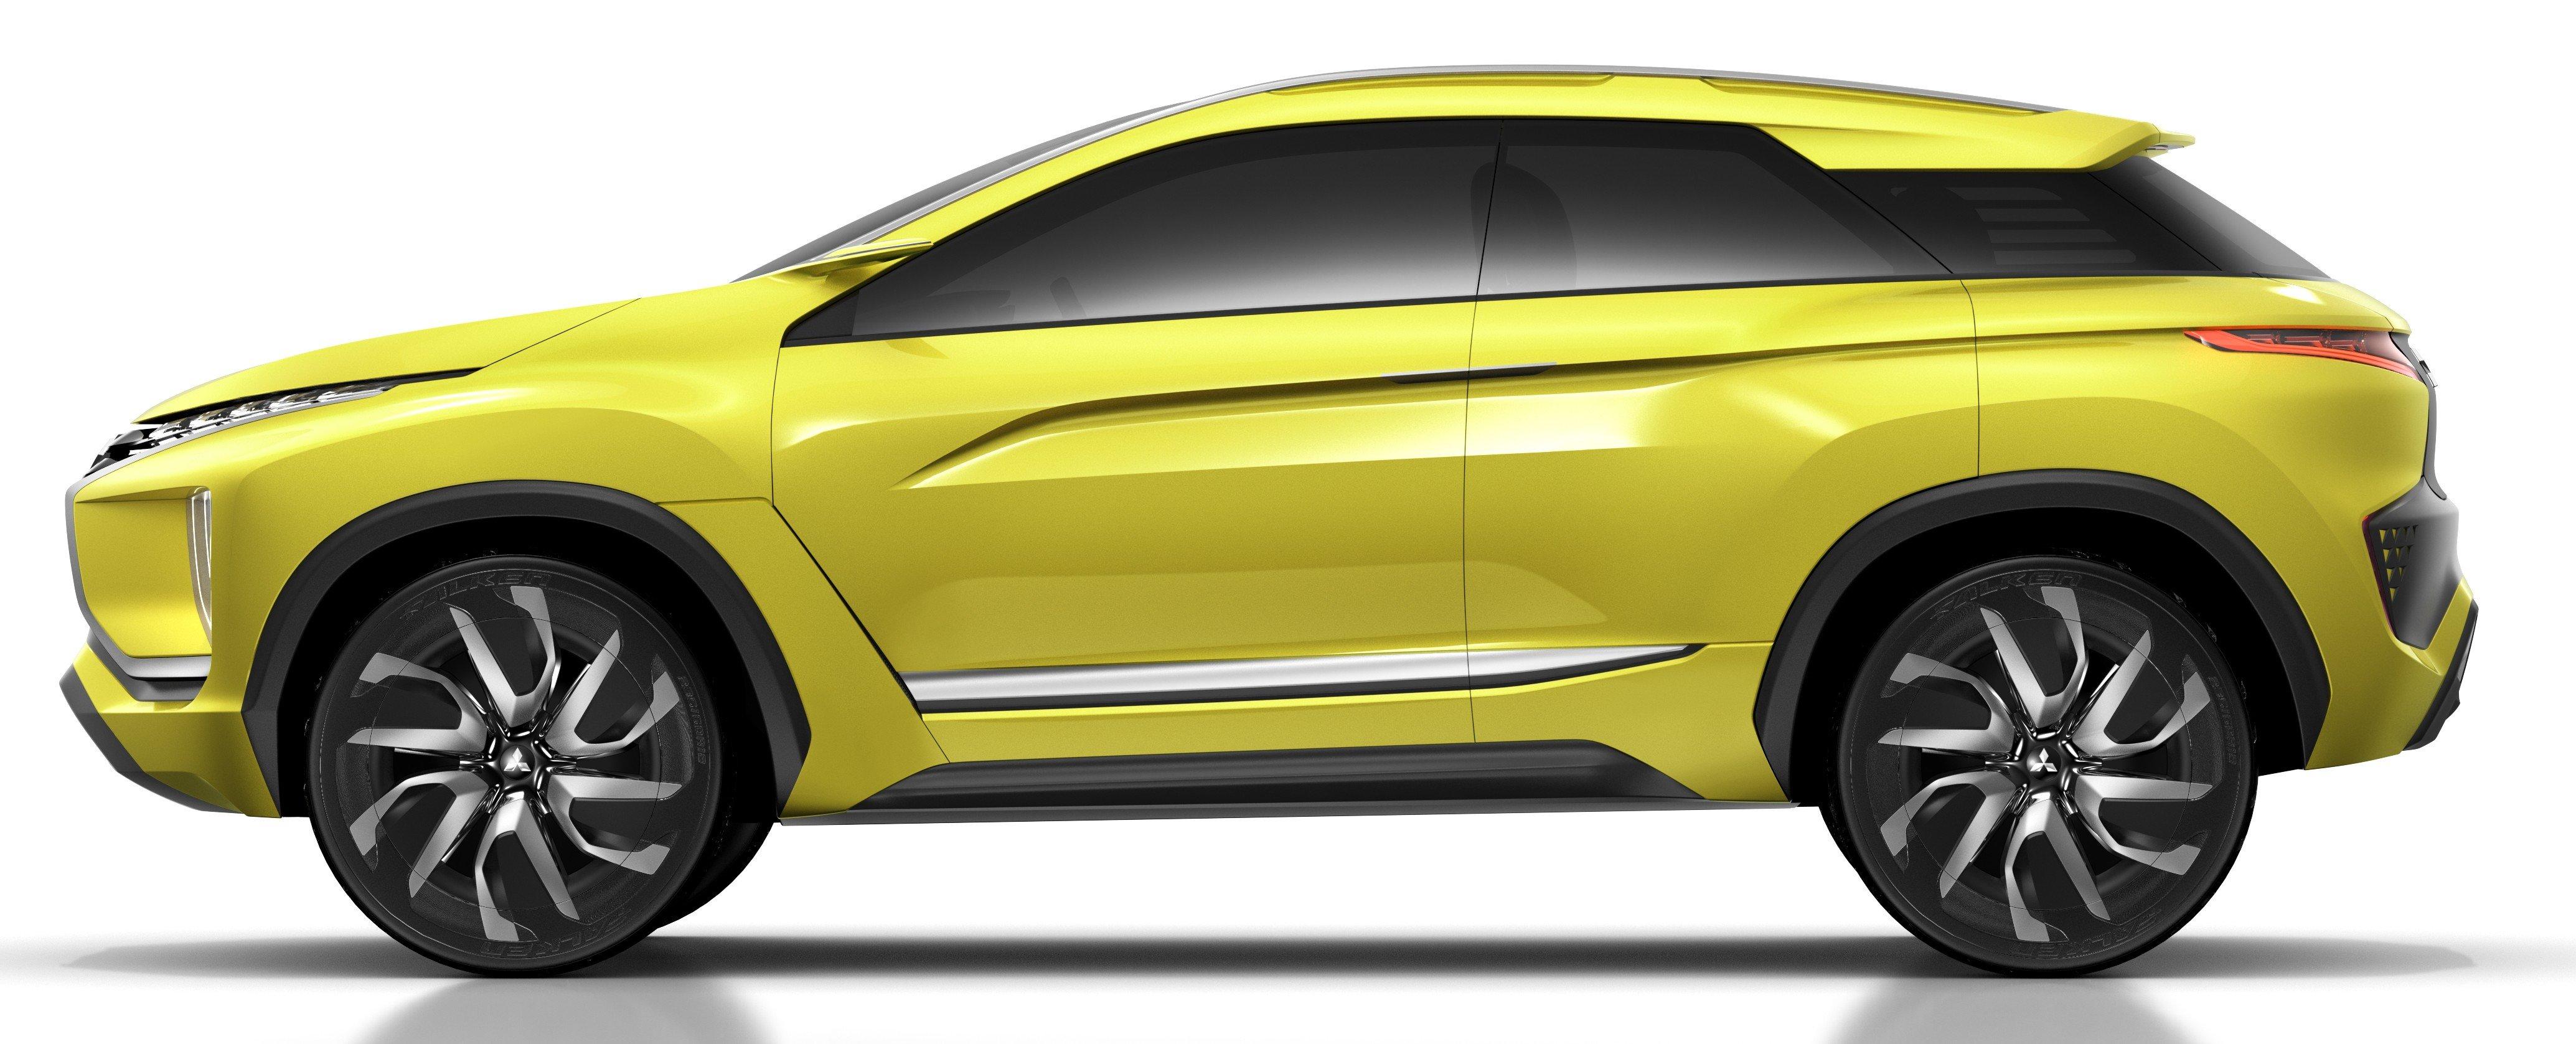 Mitsubishi Suv 2015 >> Mitsubishi eX Concept – EV SUV set for Tokyo debut Image 389666